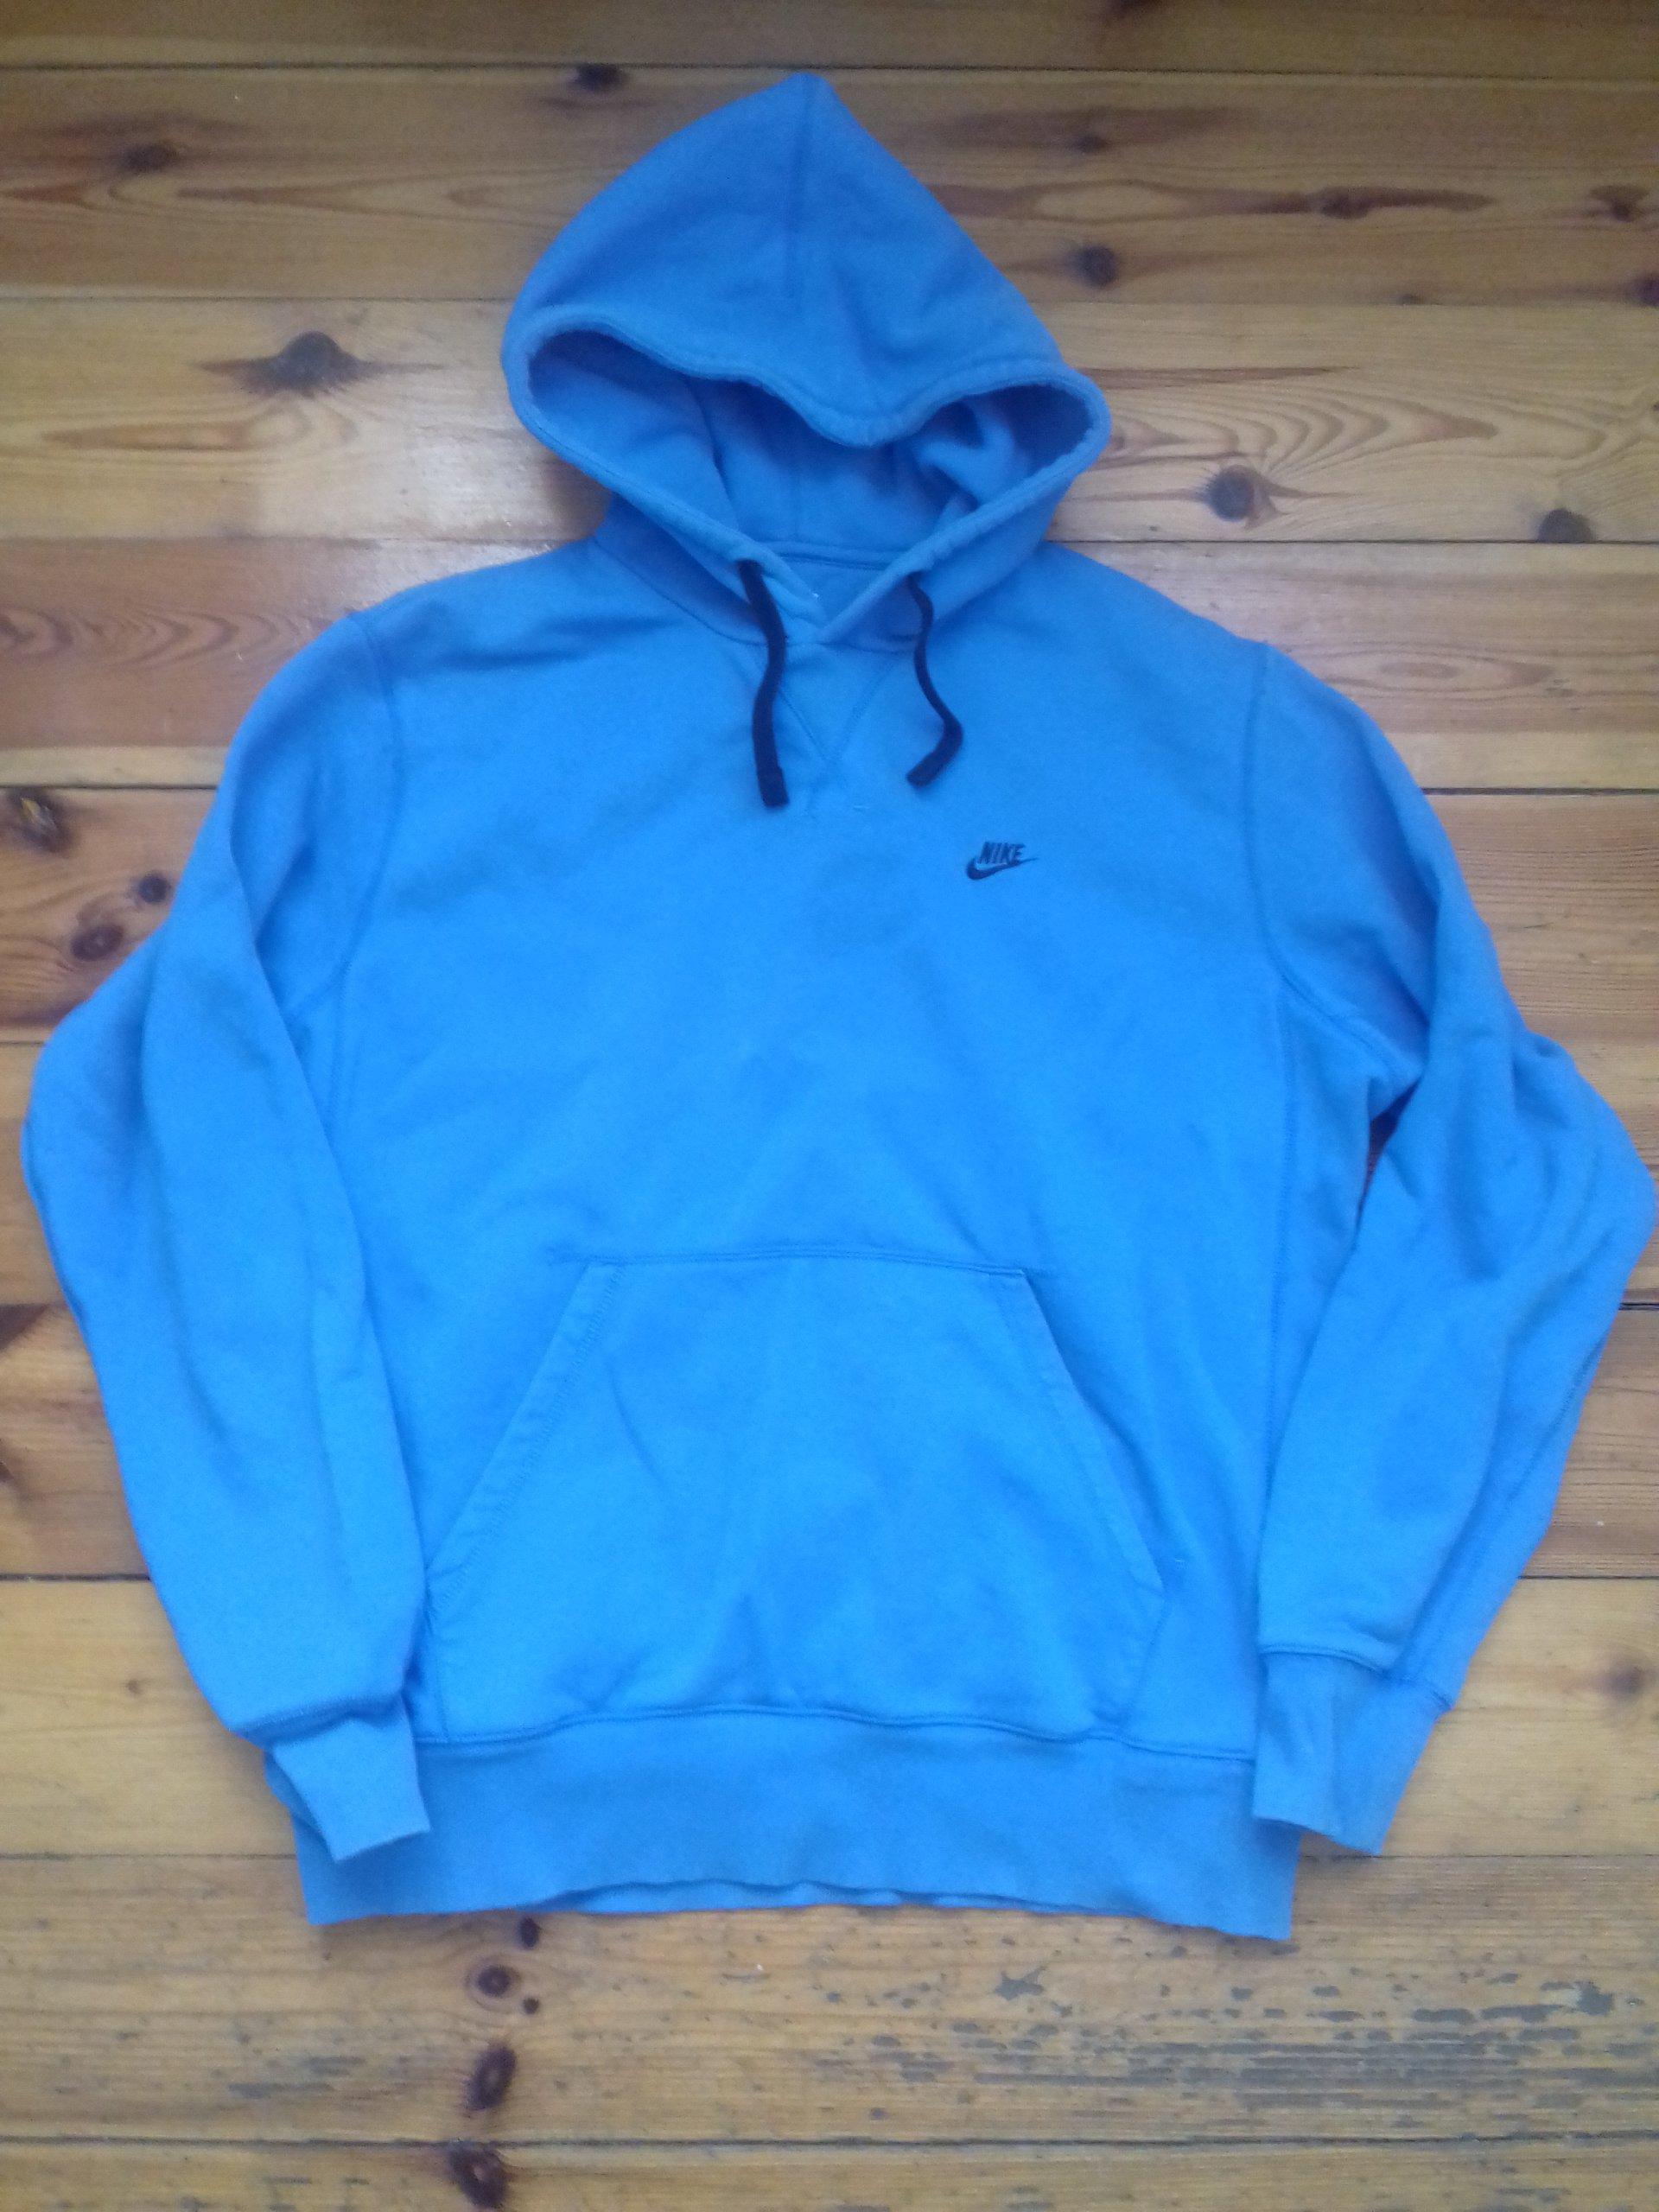 a6cdf014f Bluza Sportowa Nike z kapturem niebieska - 7336738489 - oficjalne ...